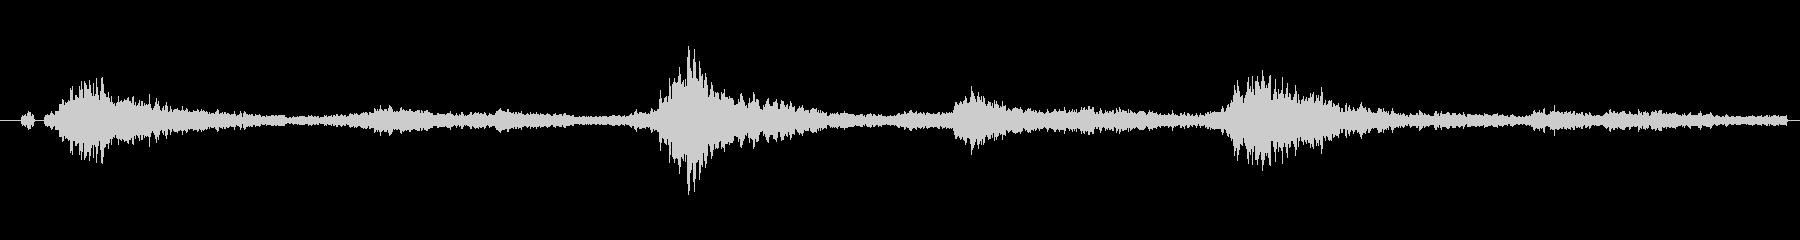 クリスマスのベル、鈴に最適な効果音です1の未再生の波形